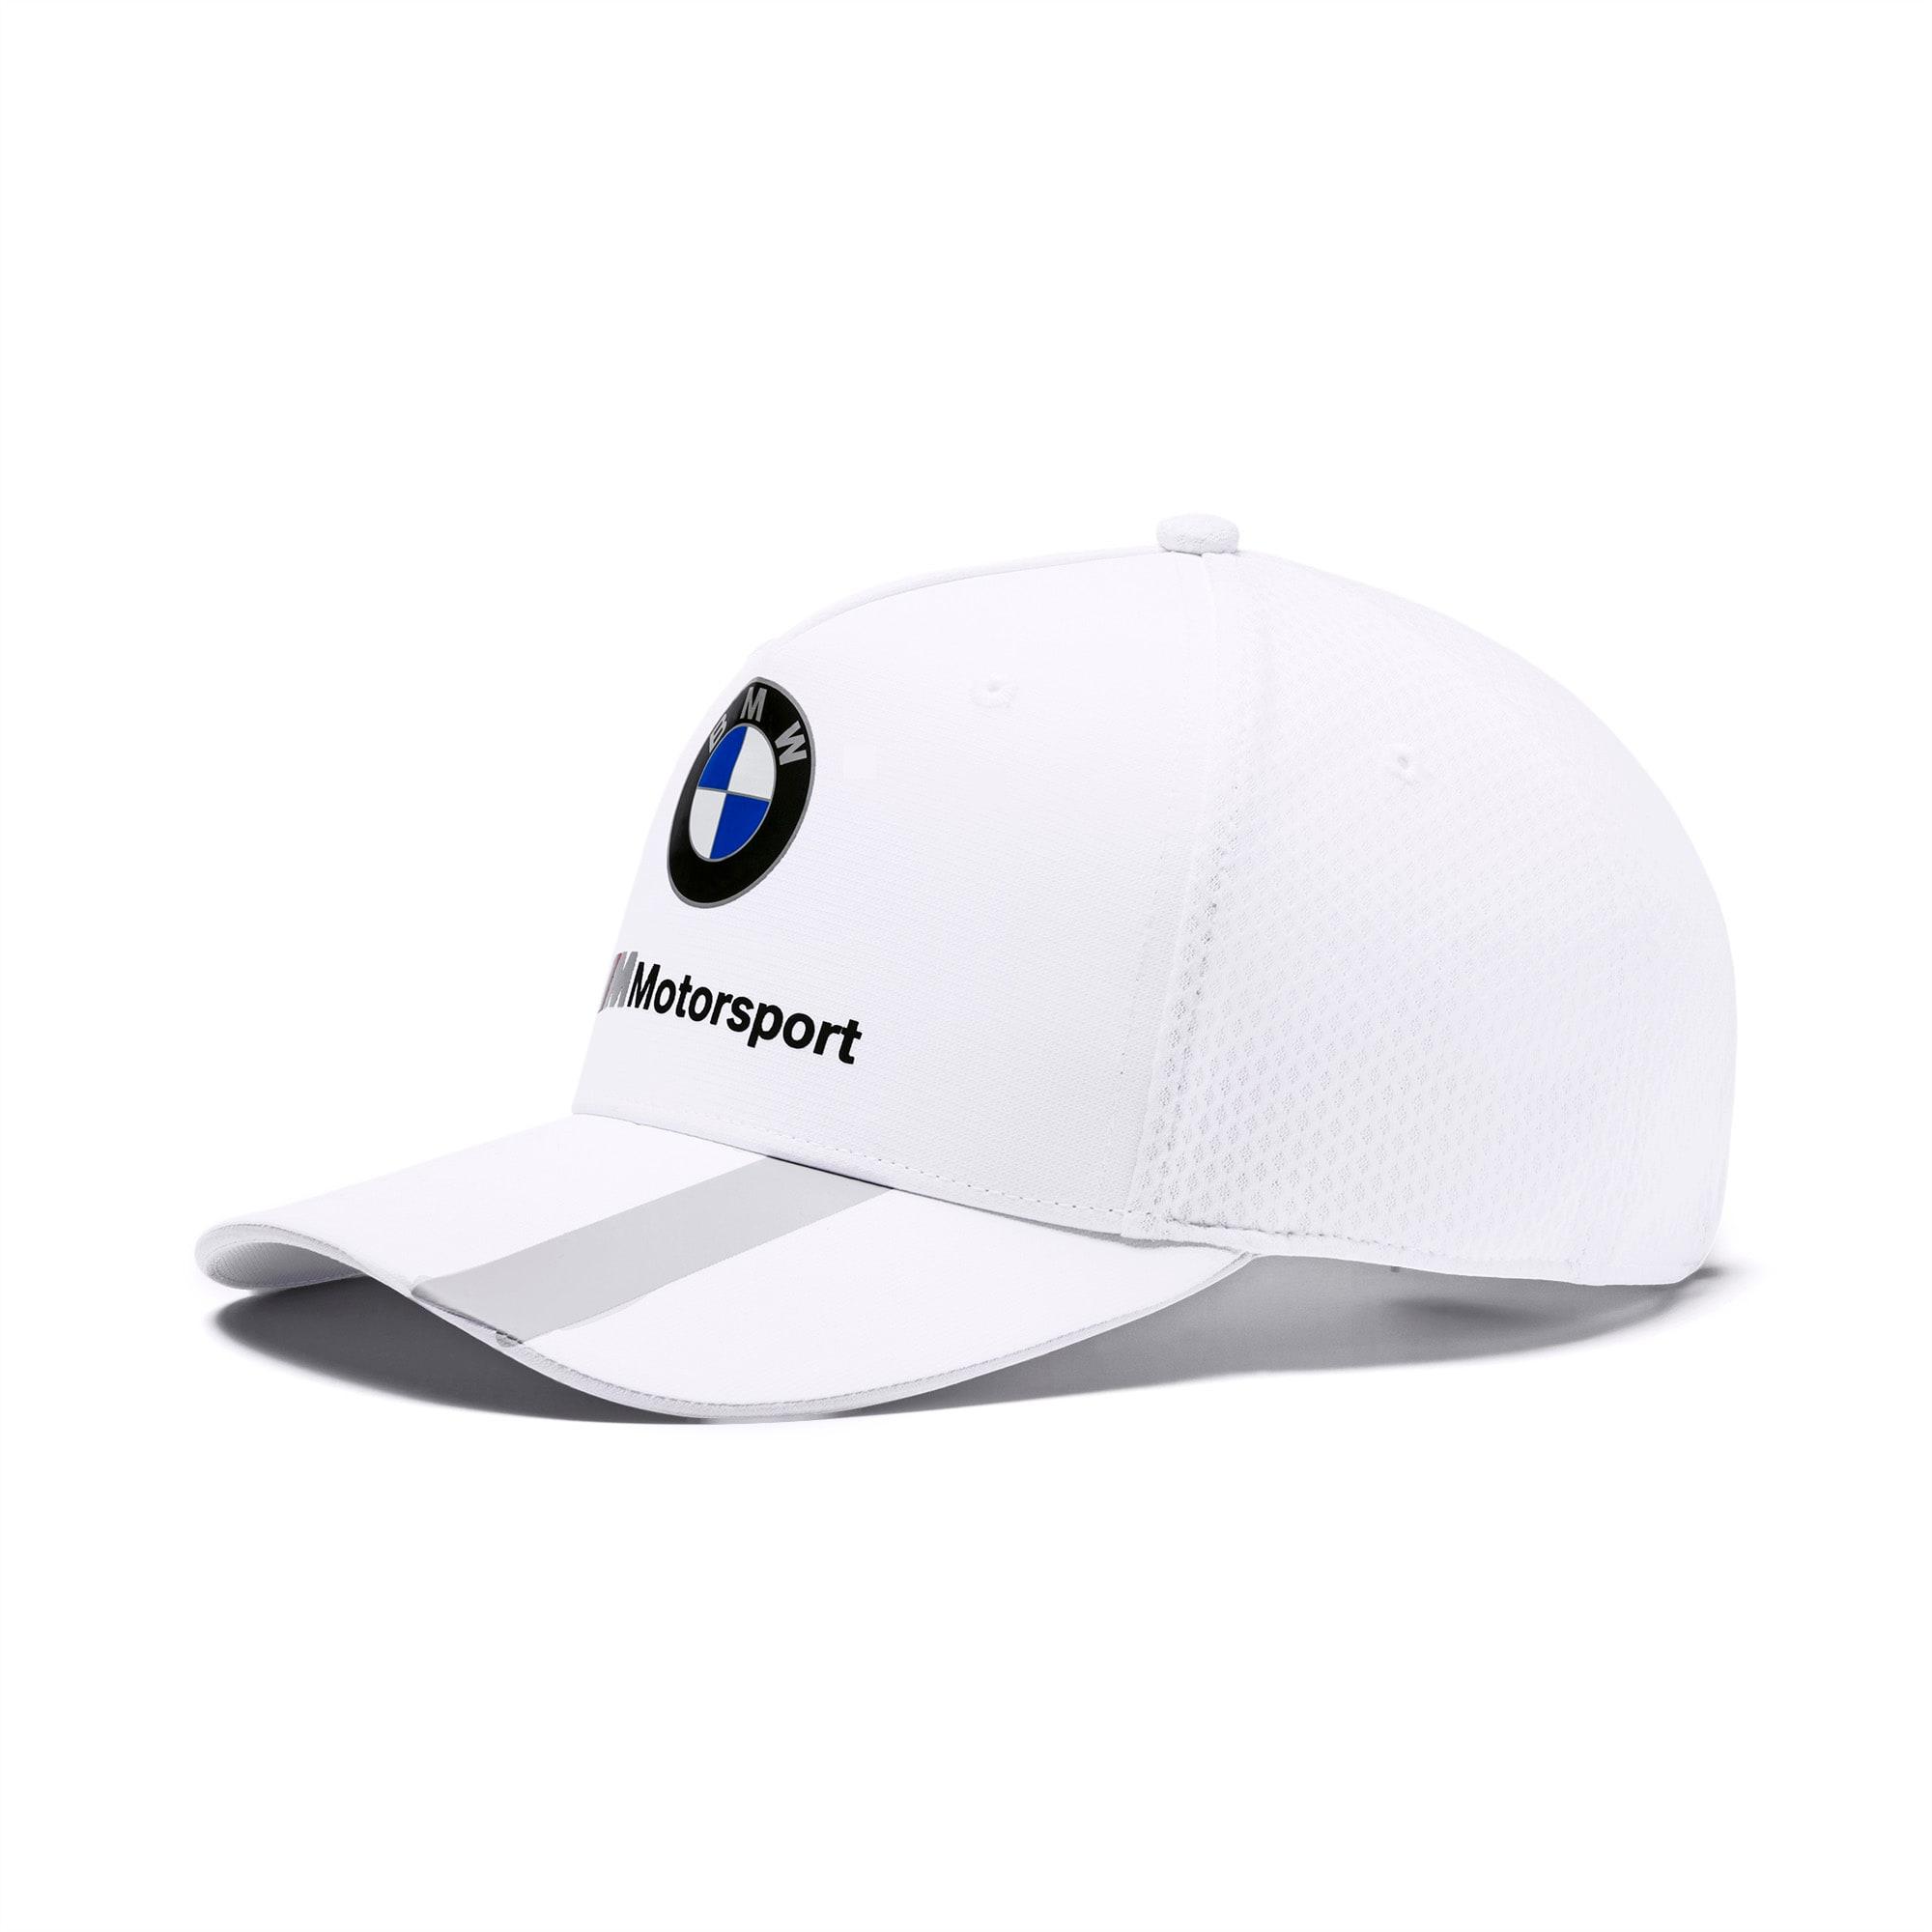 NEW PUMA BMW Motorsport Team Adjustable Trucker Hat Cap White